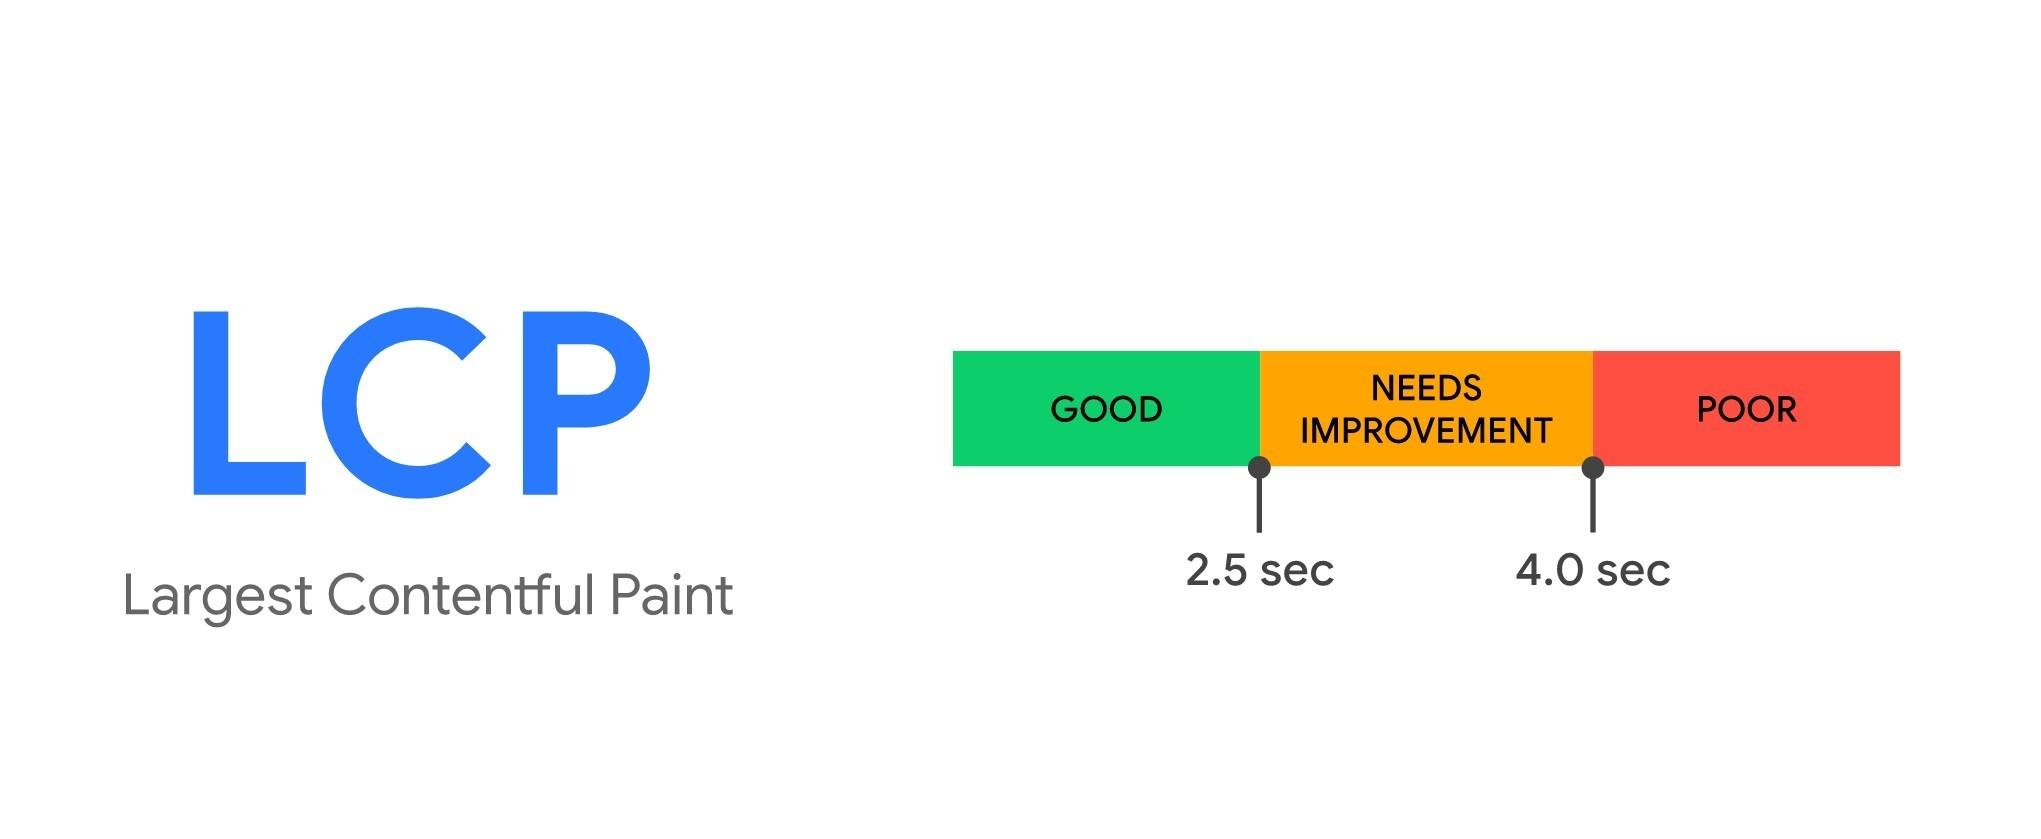 顯示最大內容所需時間Largest Contentful Paint (LCP)_三大網站核心指標